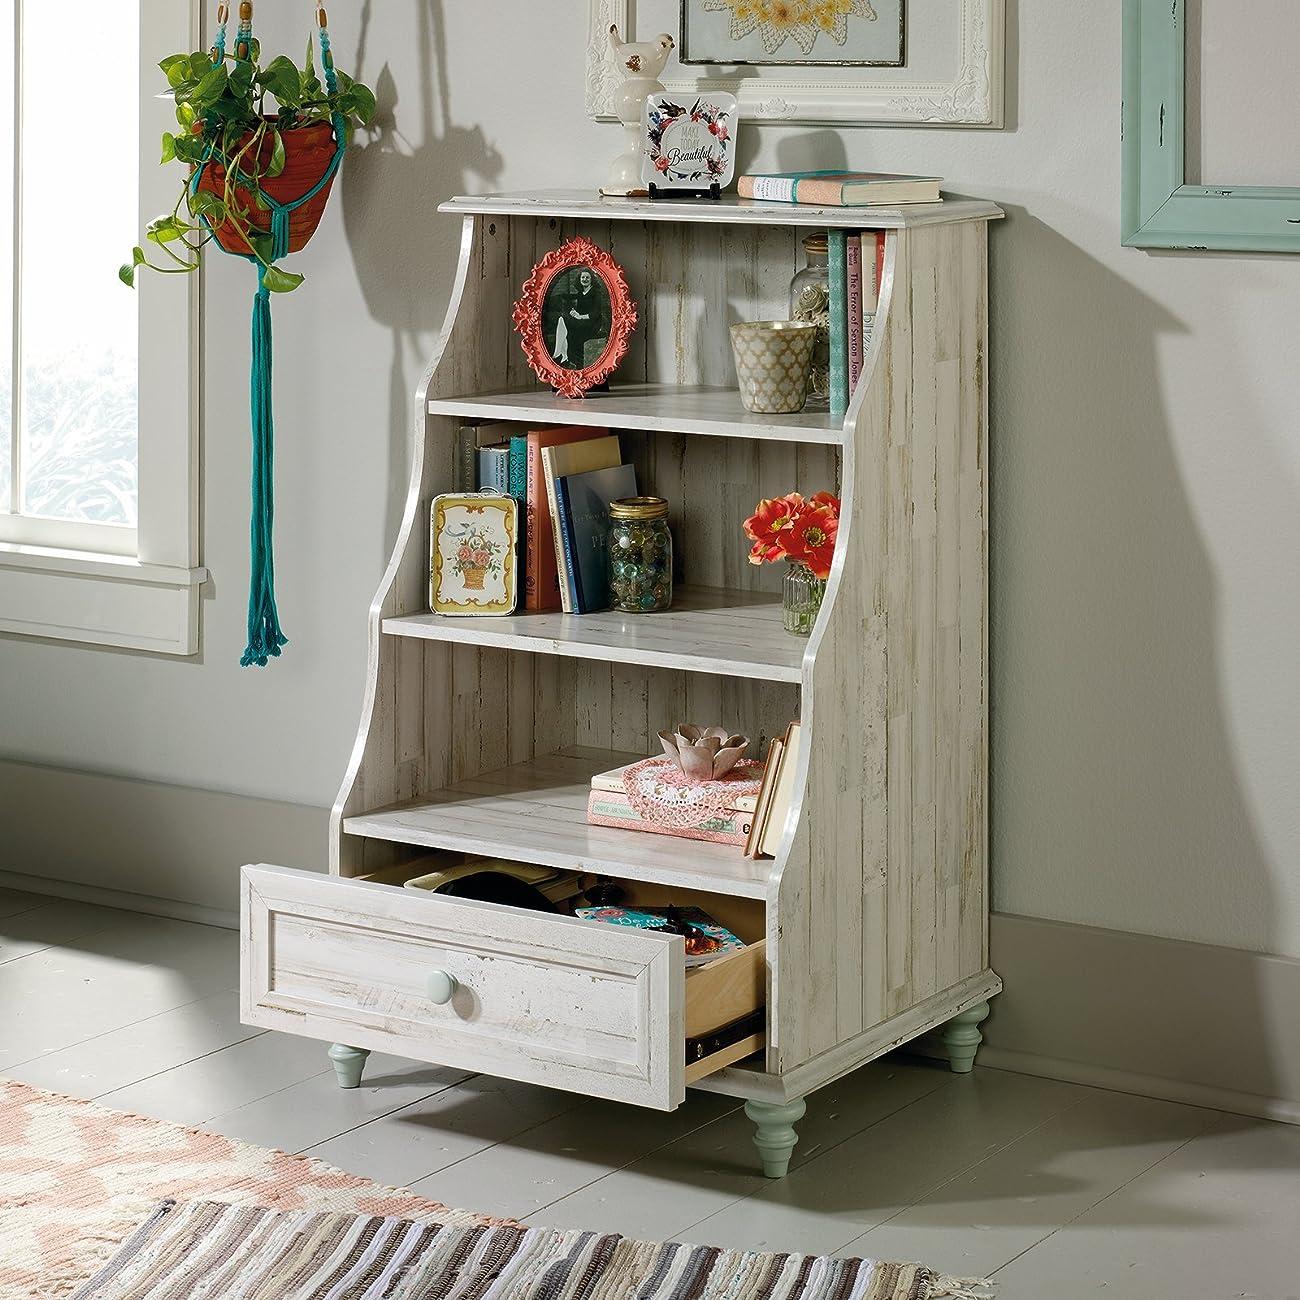 Sauder Eden Rue Accent Bookcase 1